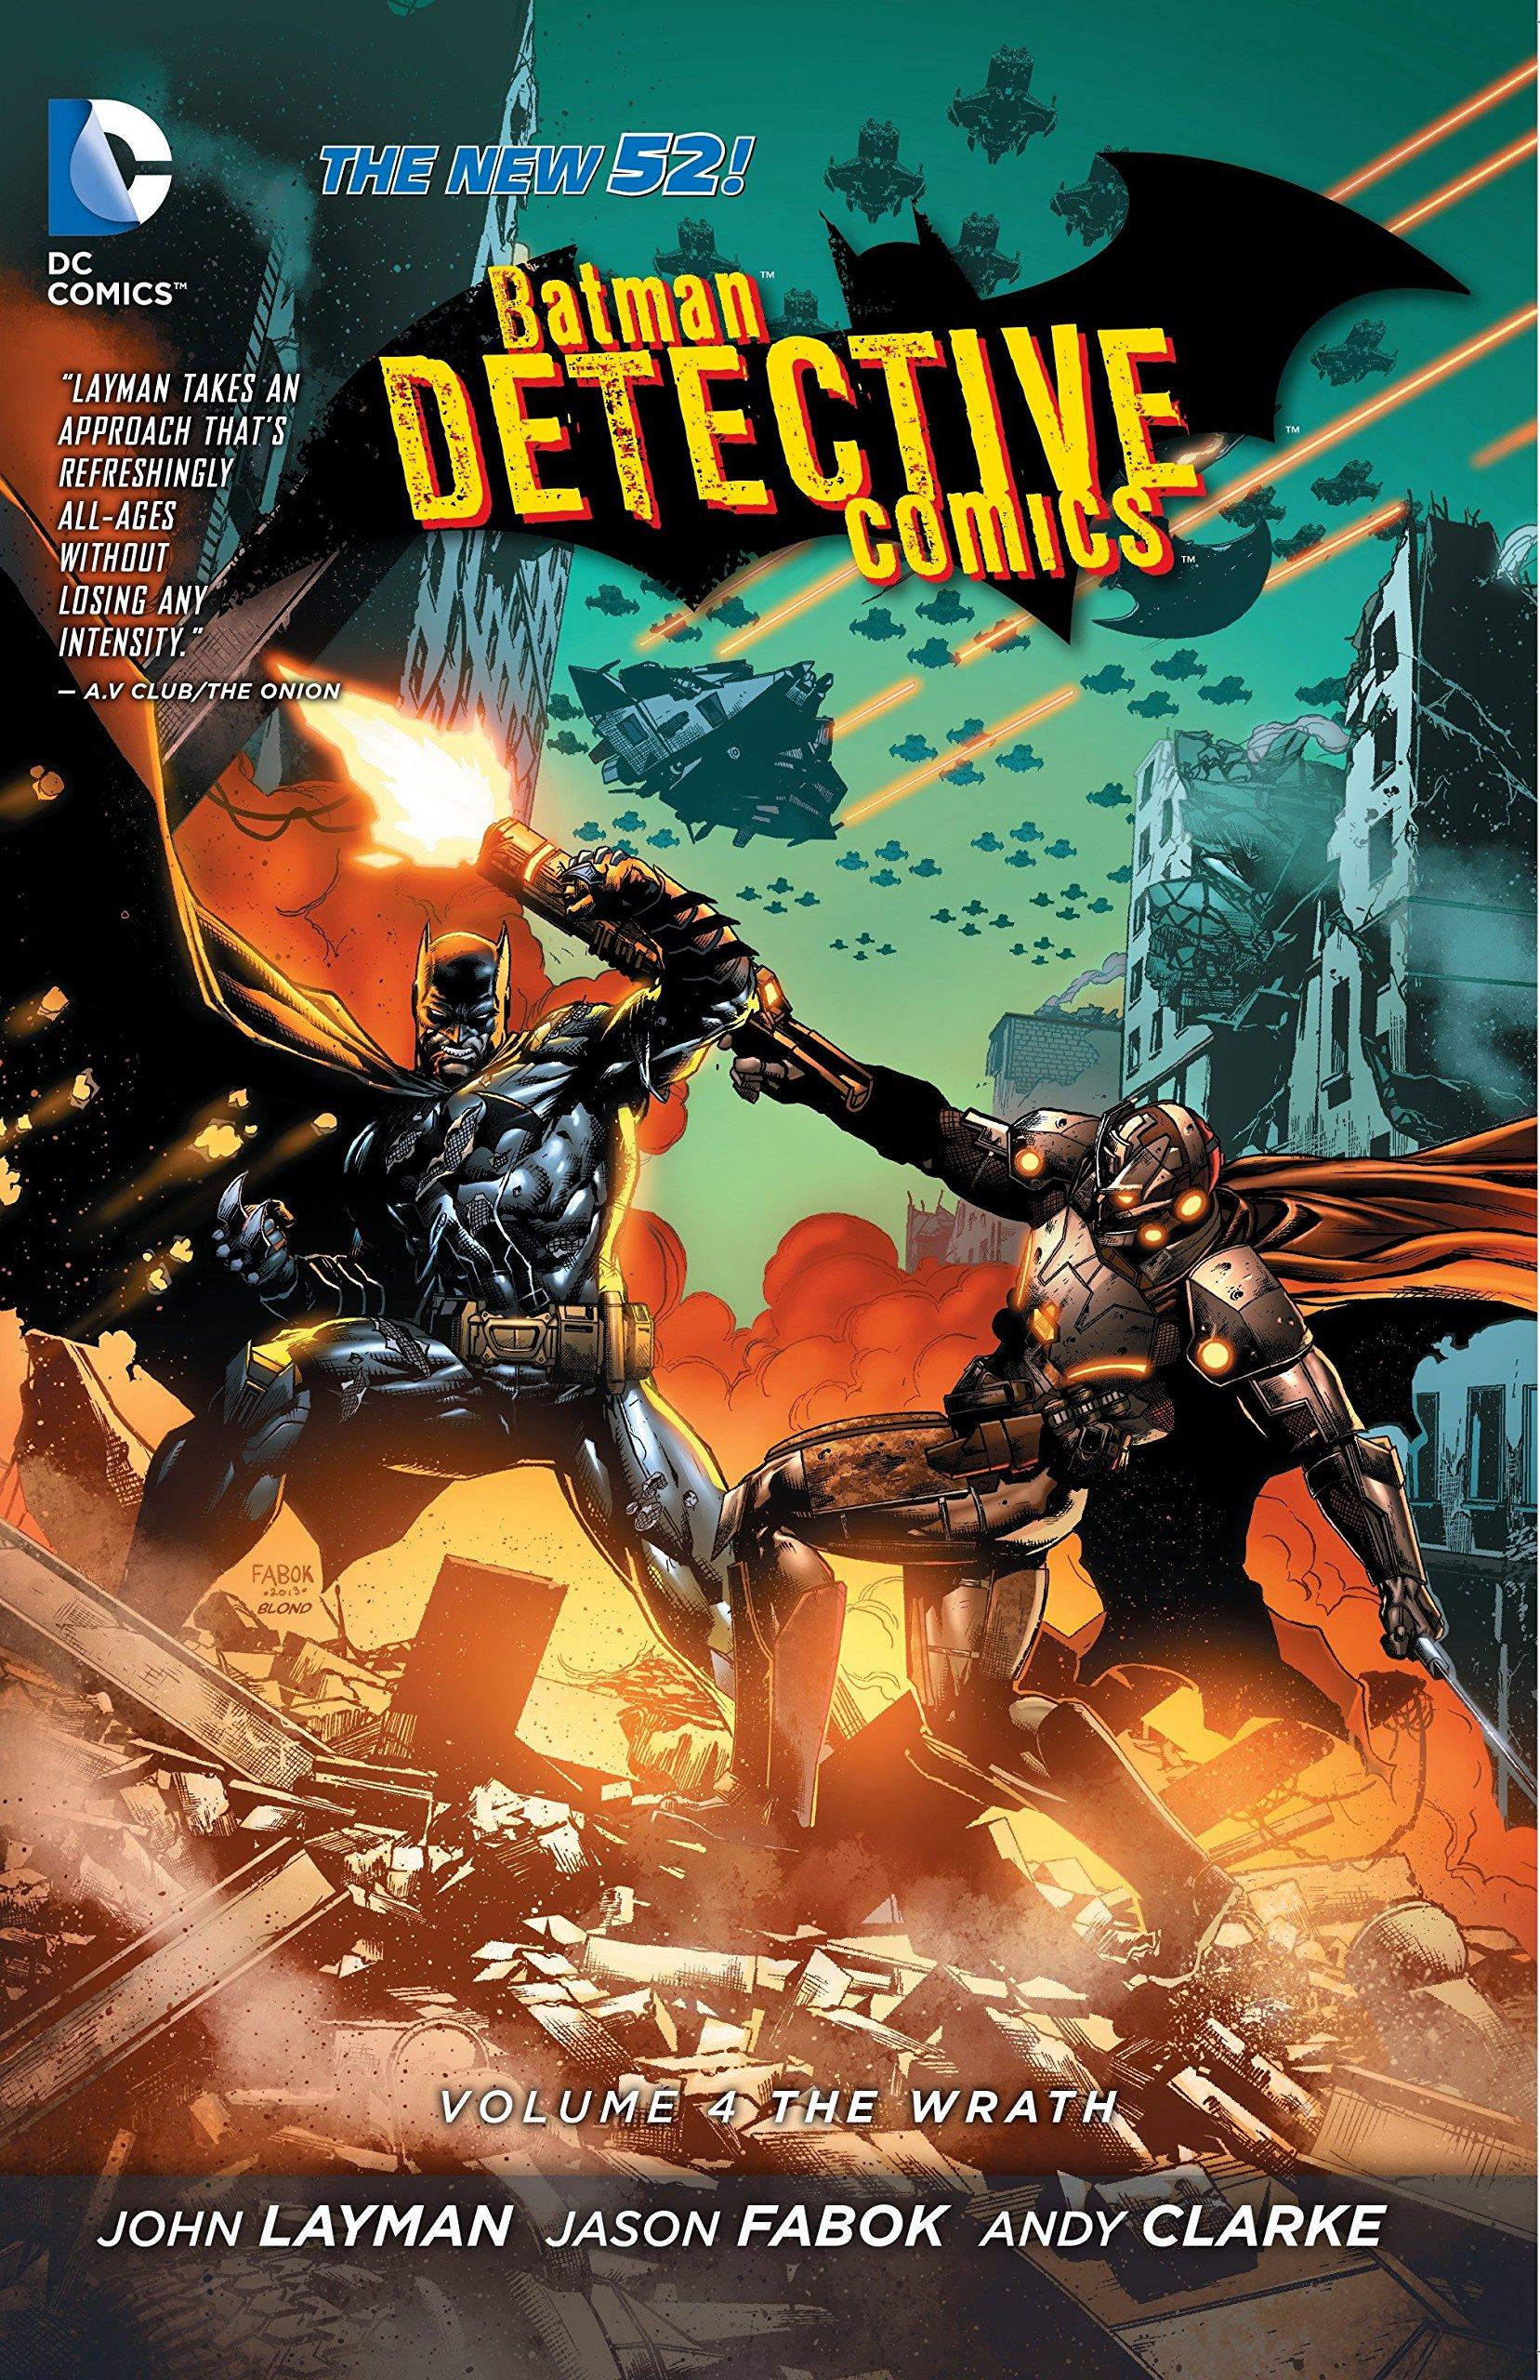 Batman: Detective Comics Vol. 4: The Wrath (The New 52) PDF